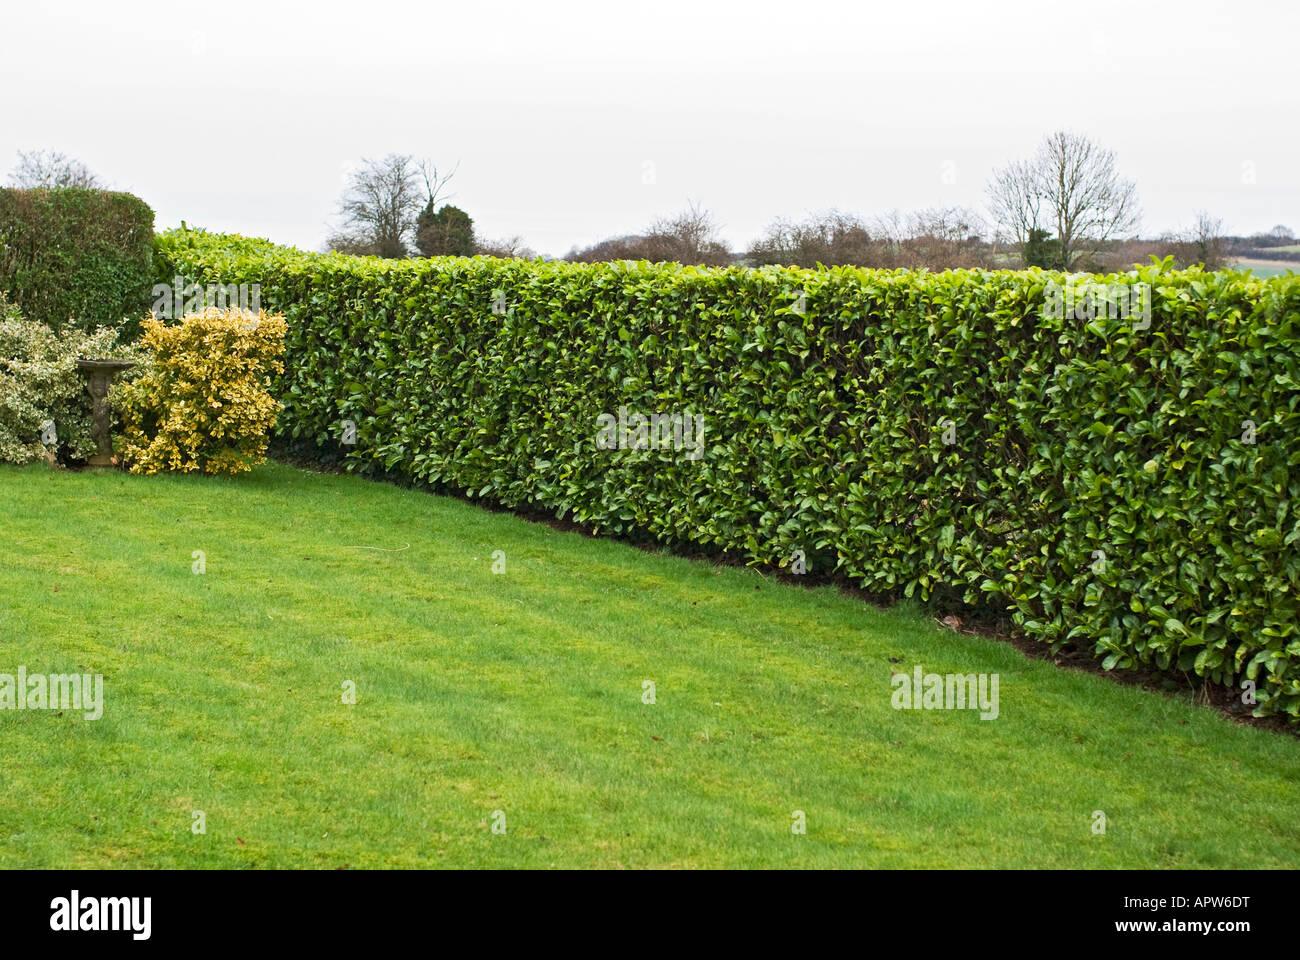 Fabelhaft Ordentlich abgeschnitten Lorbeer-Hecke in einem Garten @MV_26